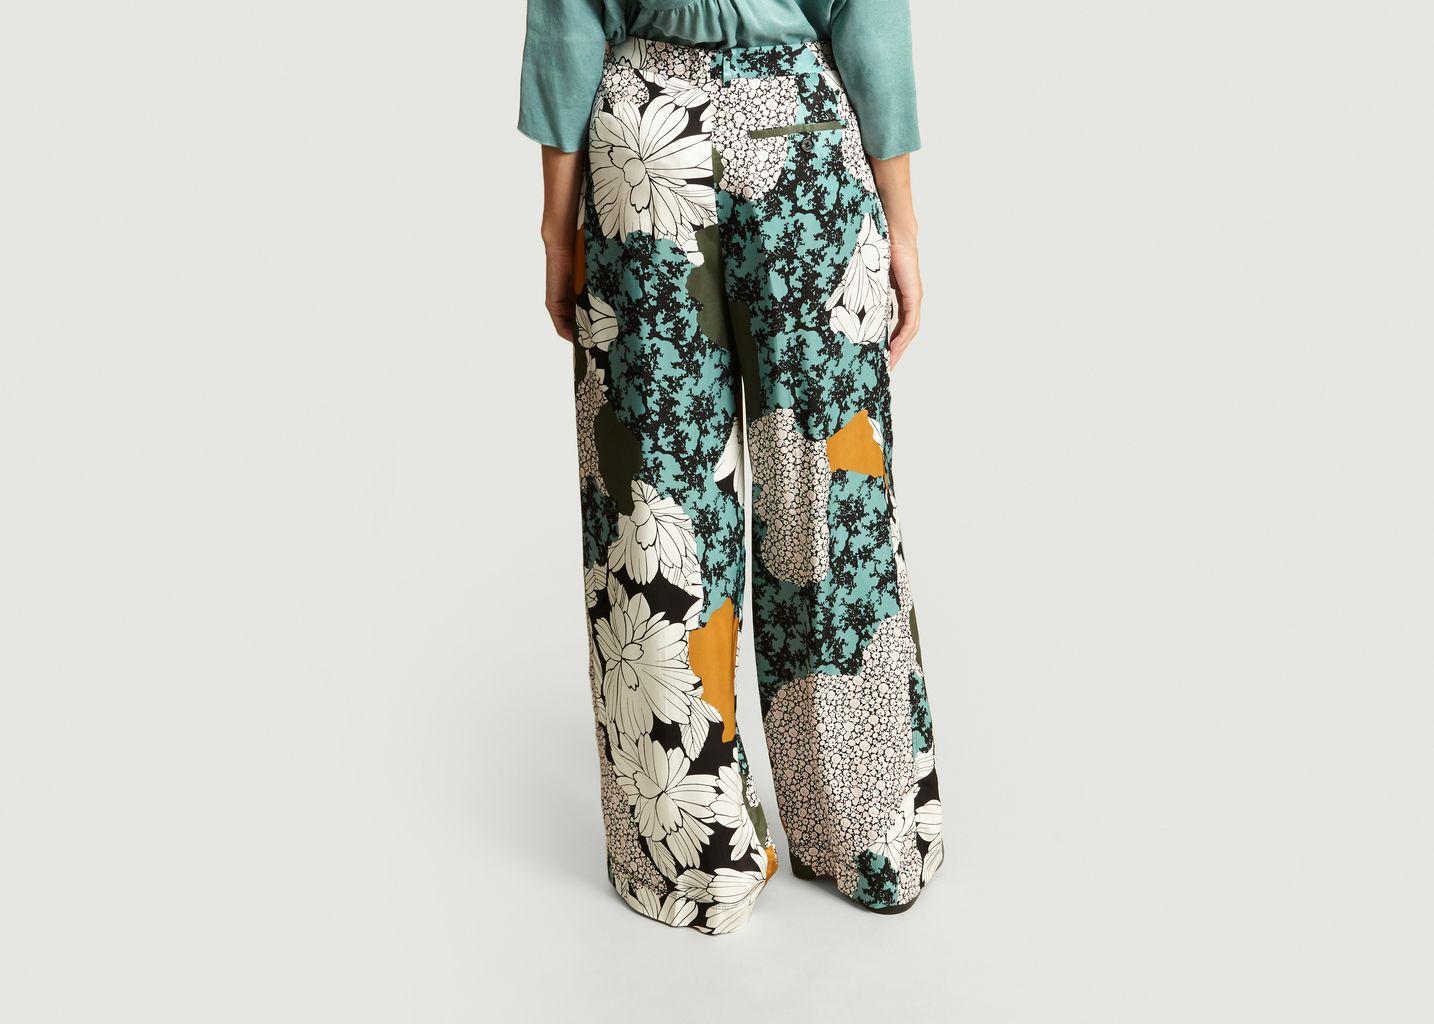 Pantalon Enil - By Malene Birger